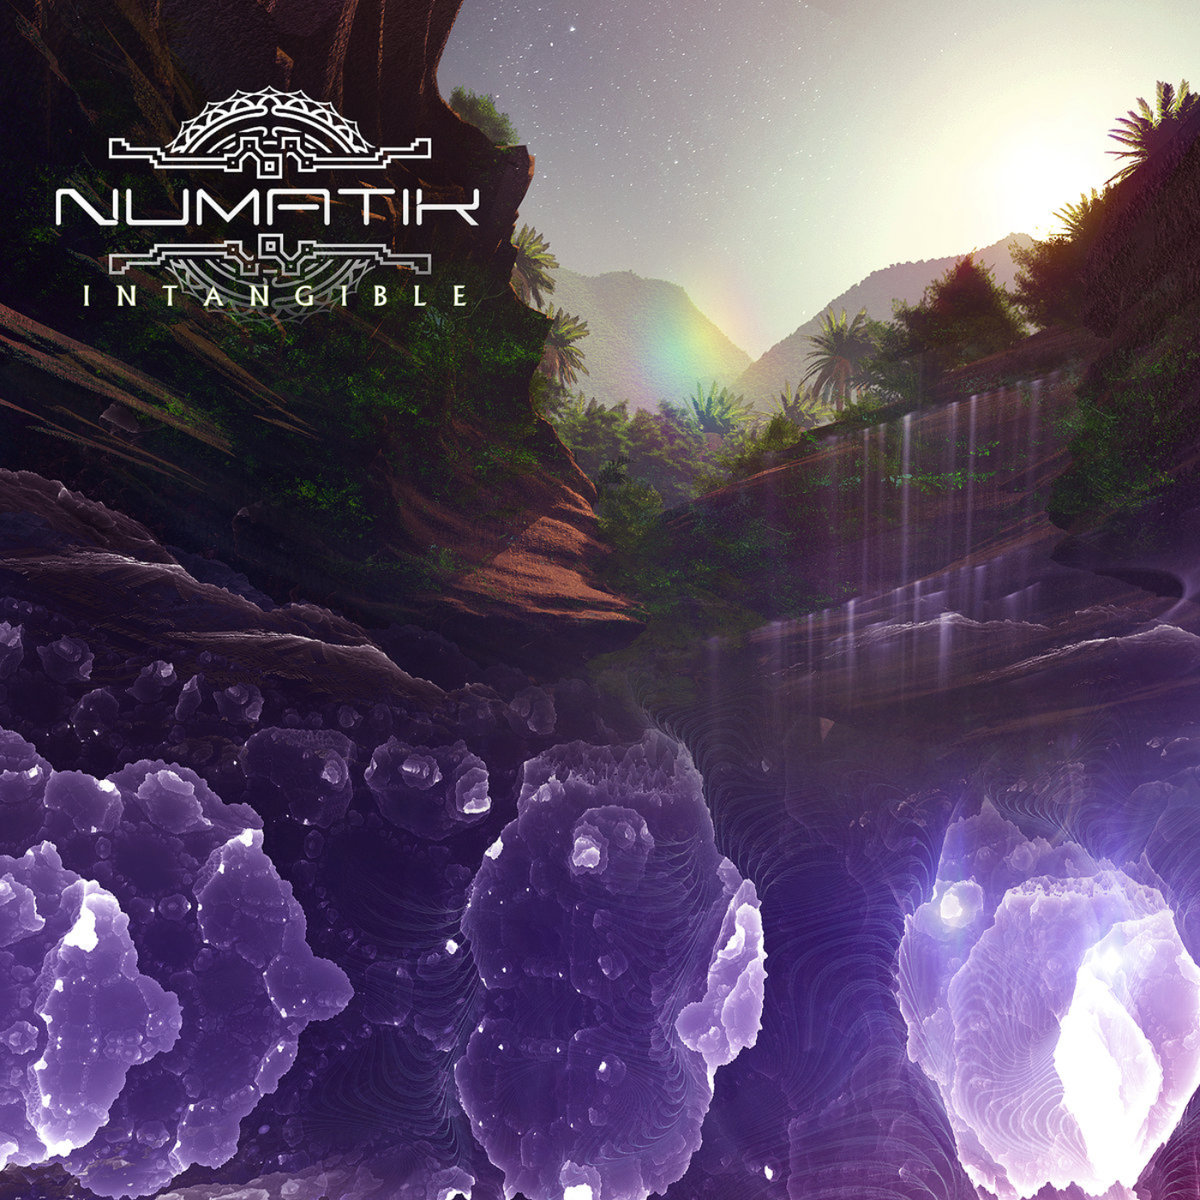 4. Numatik - Intangible